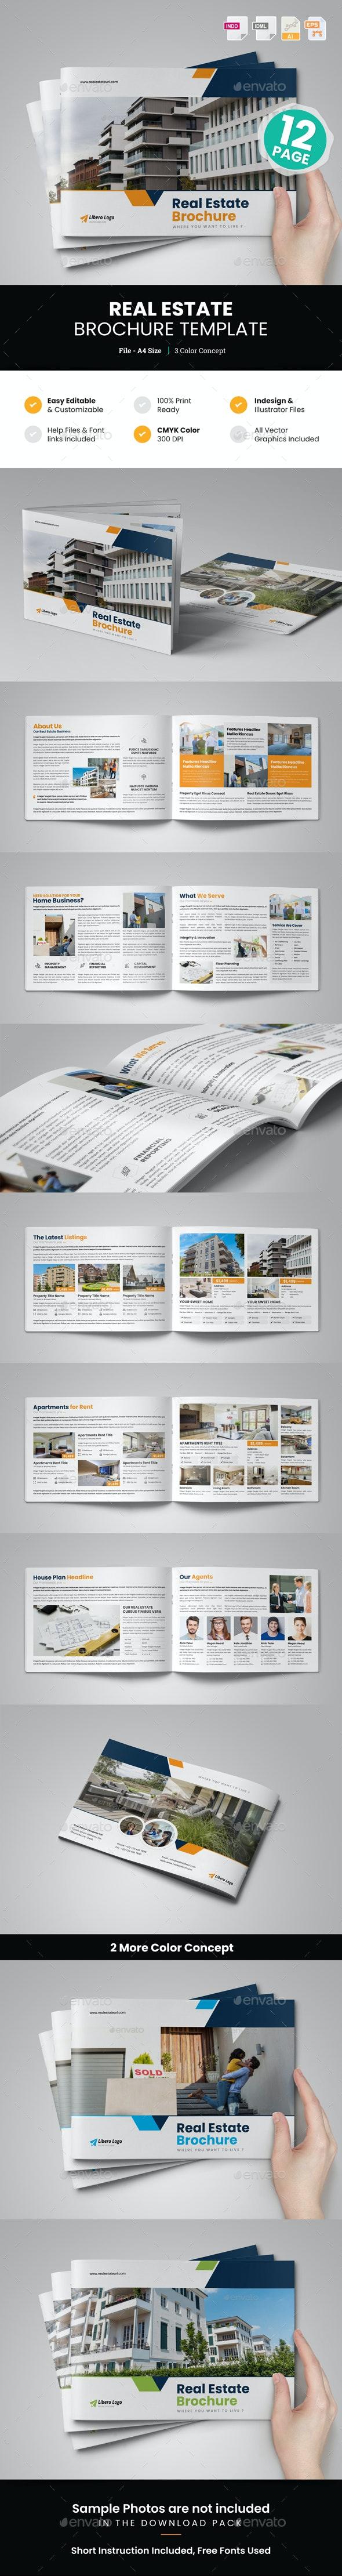 Real Estate Brochure Design v7 - Corporate Brochures